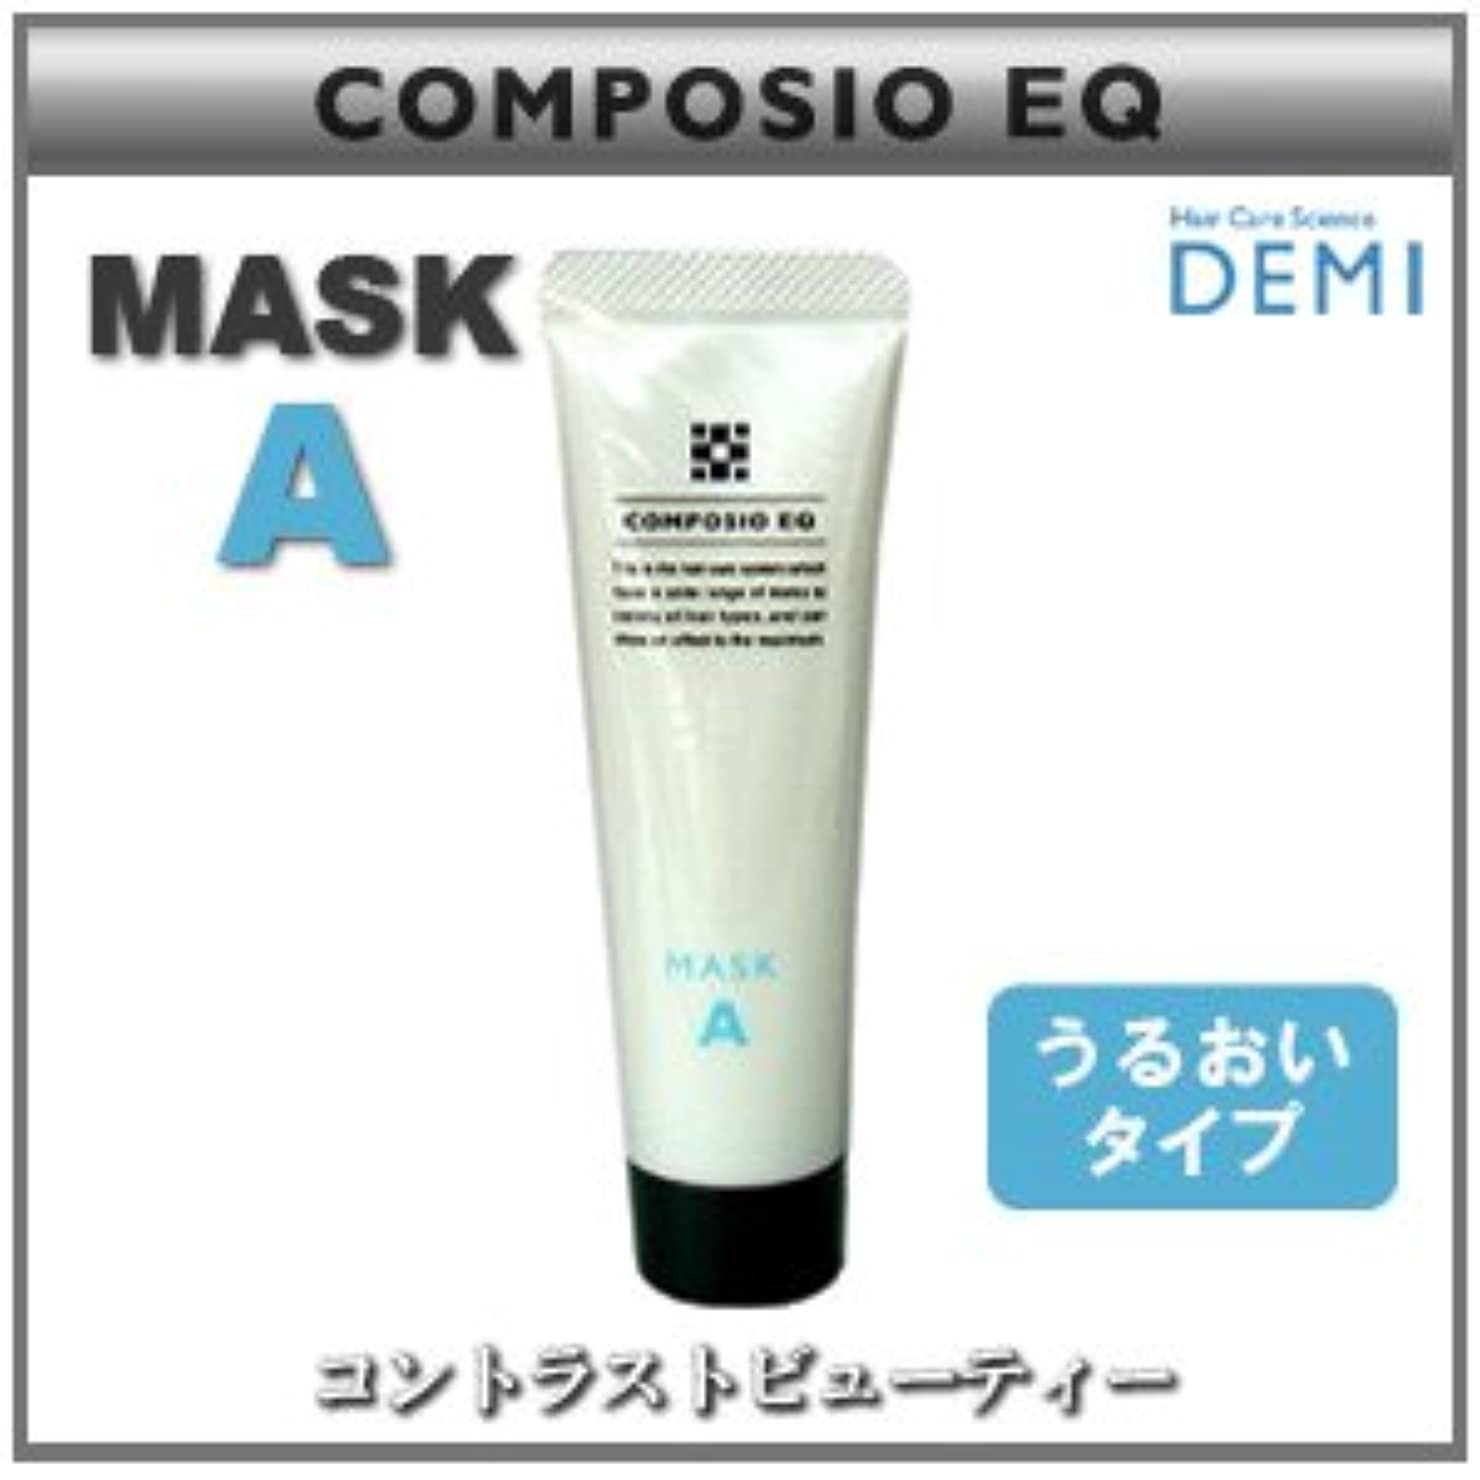 葉巻線書士【X4個セット】 デミ コンポジオ EQ マスク A 50g